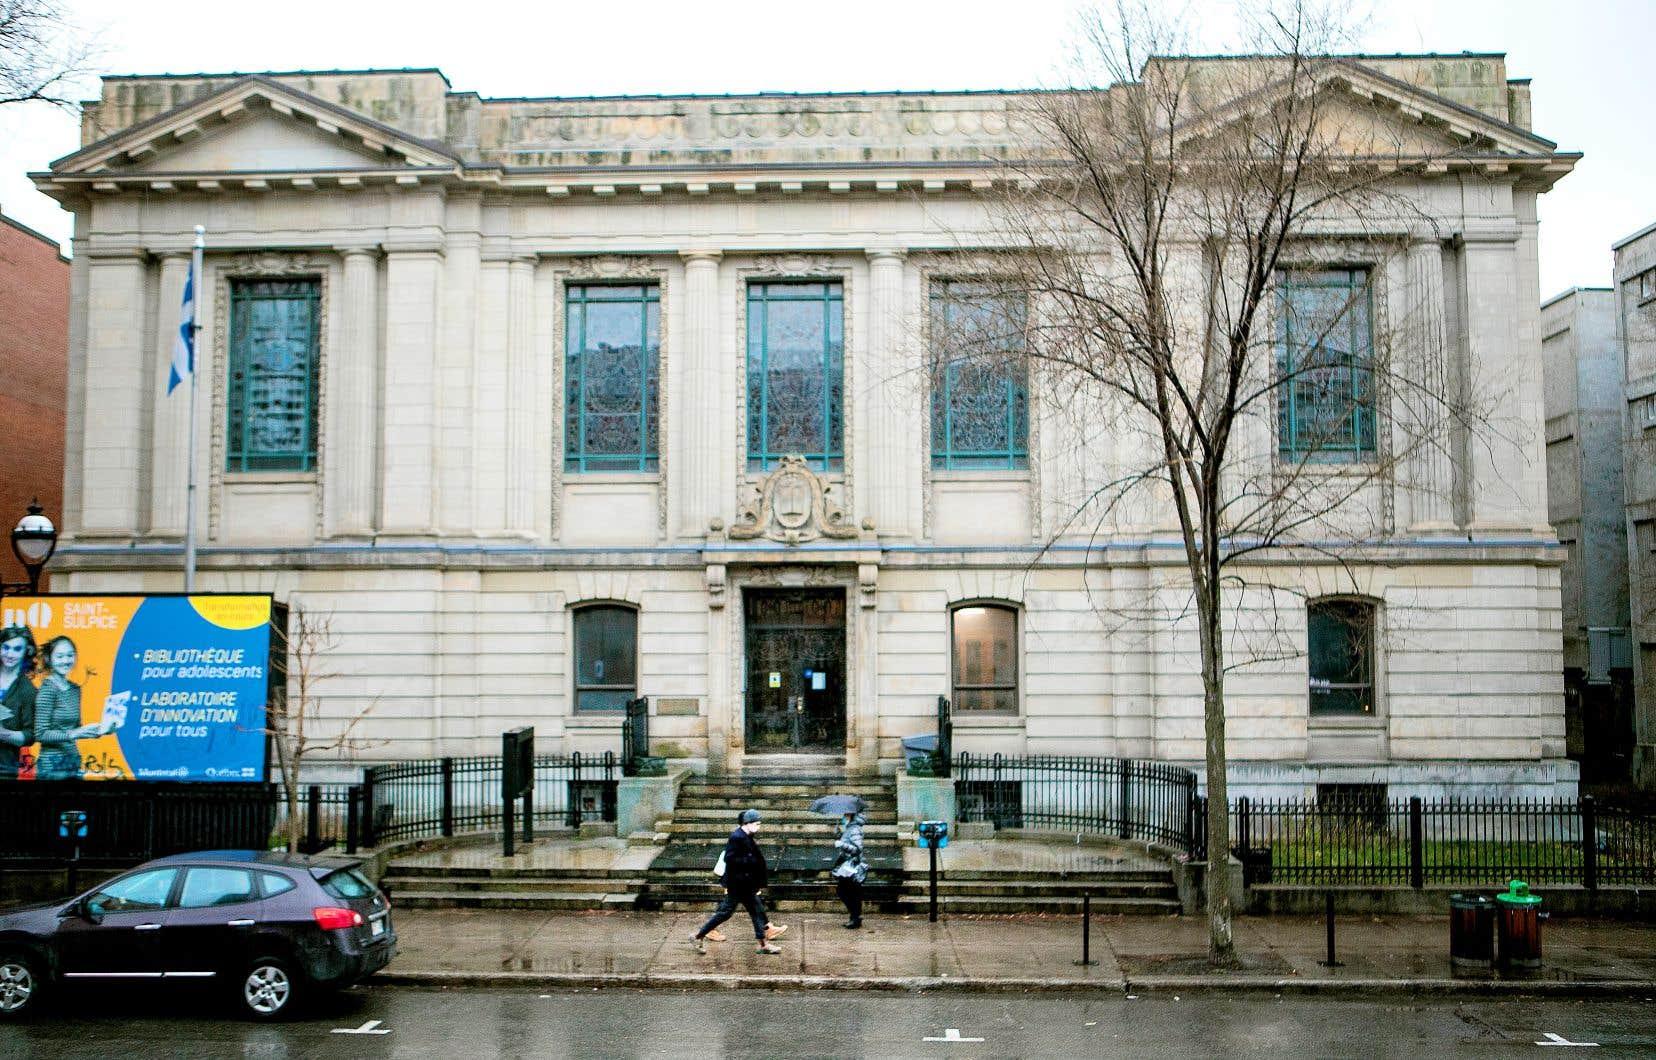 L'étude de faisabilité de la Maison de la chanson et de la musique, qui comprendra un aspect architectural, n'envisage pas la possibilité d'une occupation de la bibliothèque Saint-Sulpice.